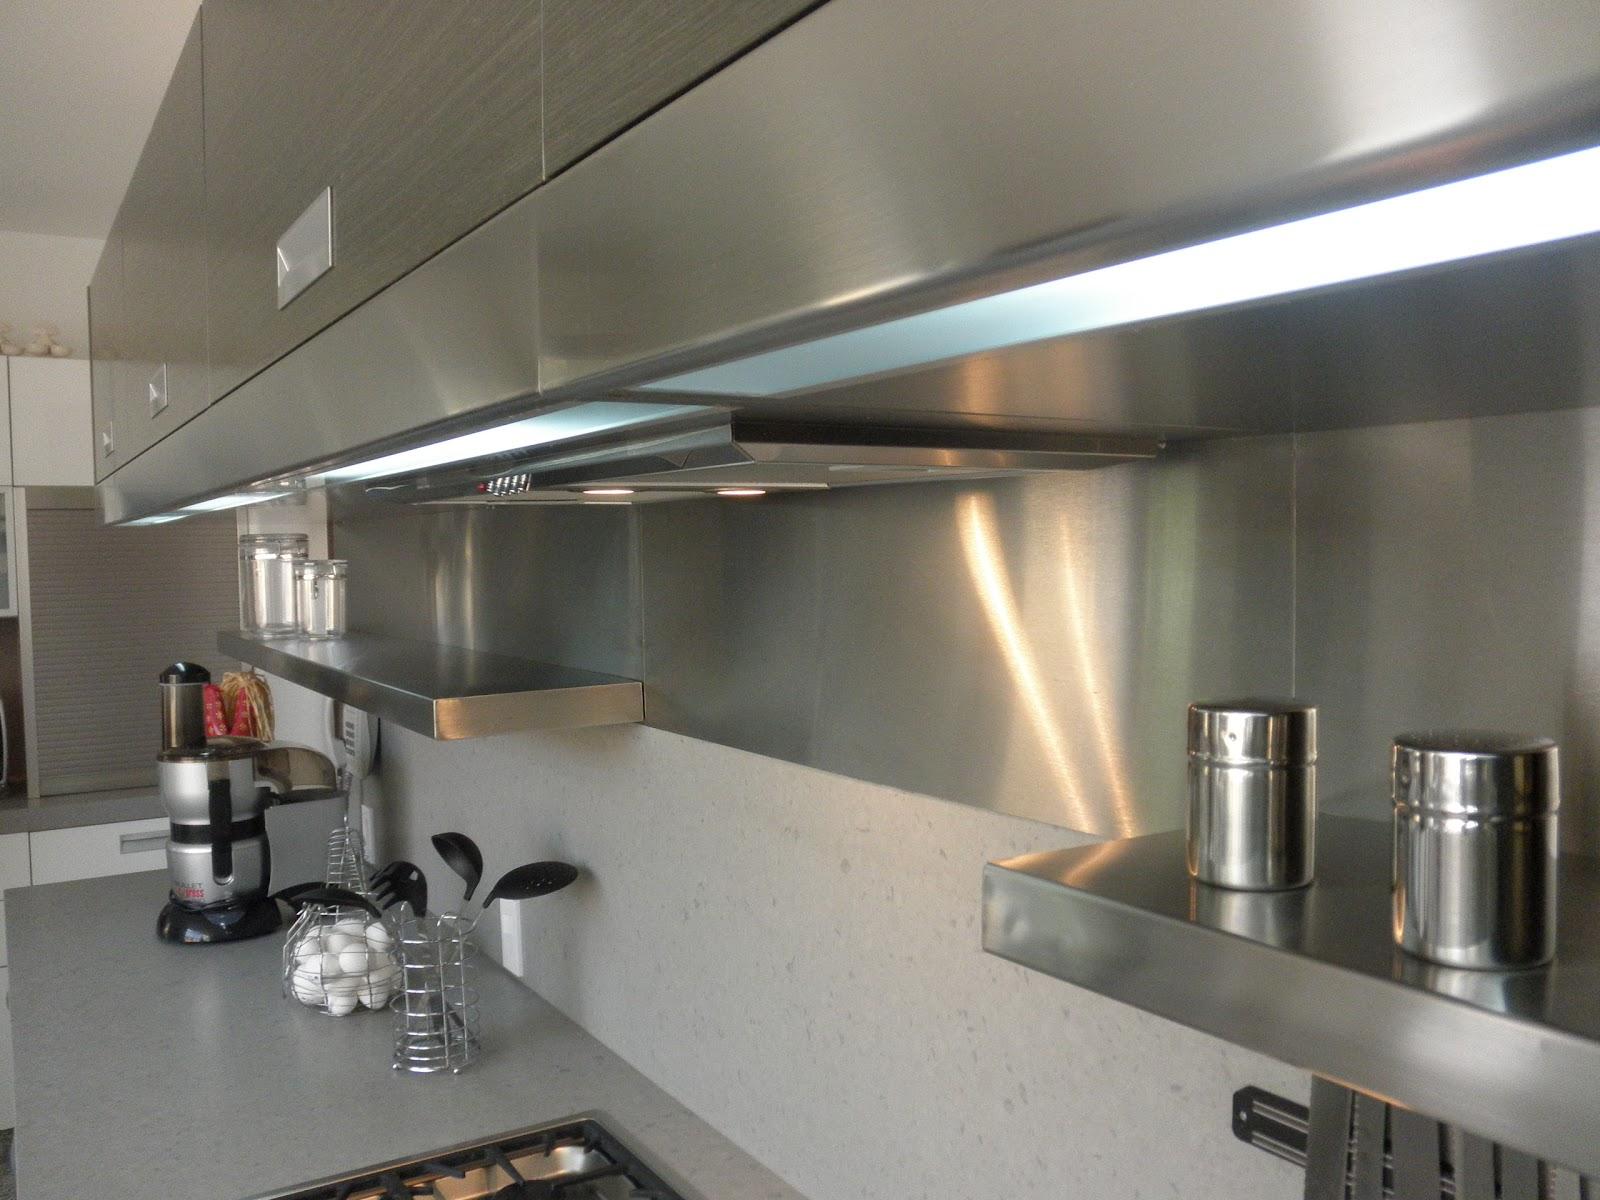 Arquitectura en cocinas detalles en la cocina iluminacion - Iluminacion en la cocina ...